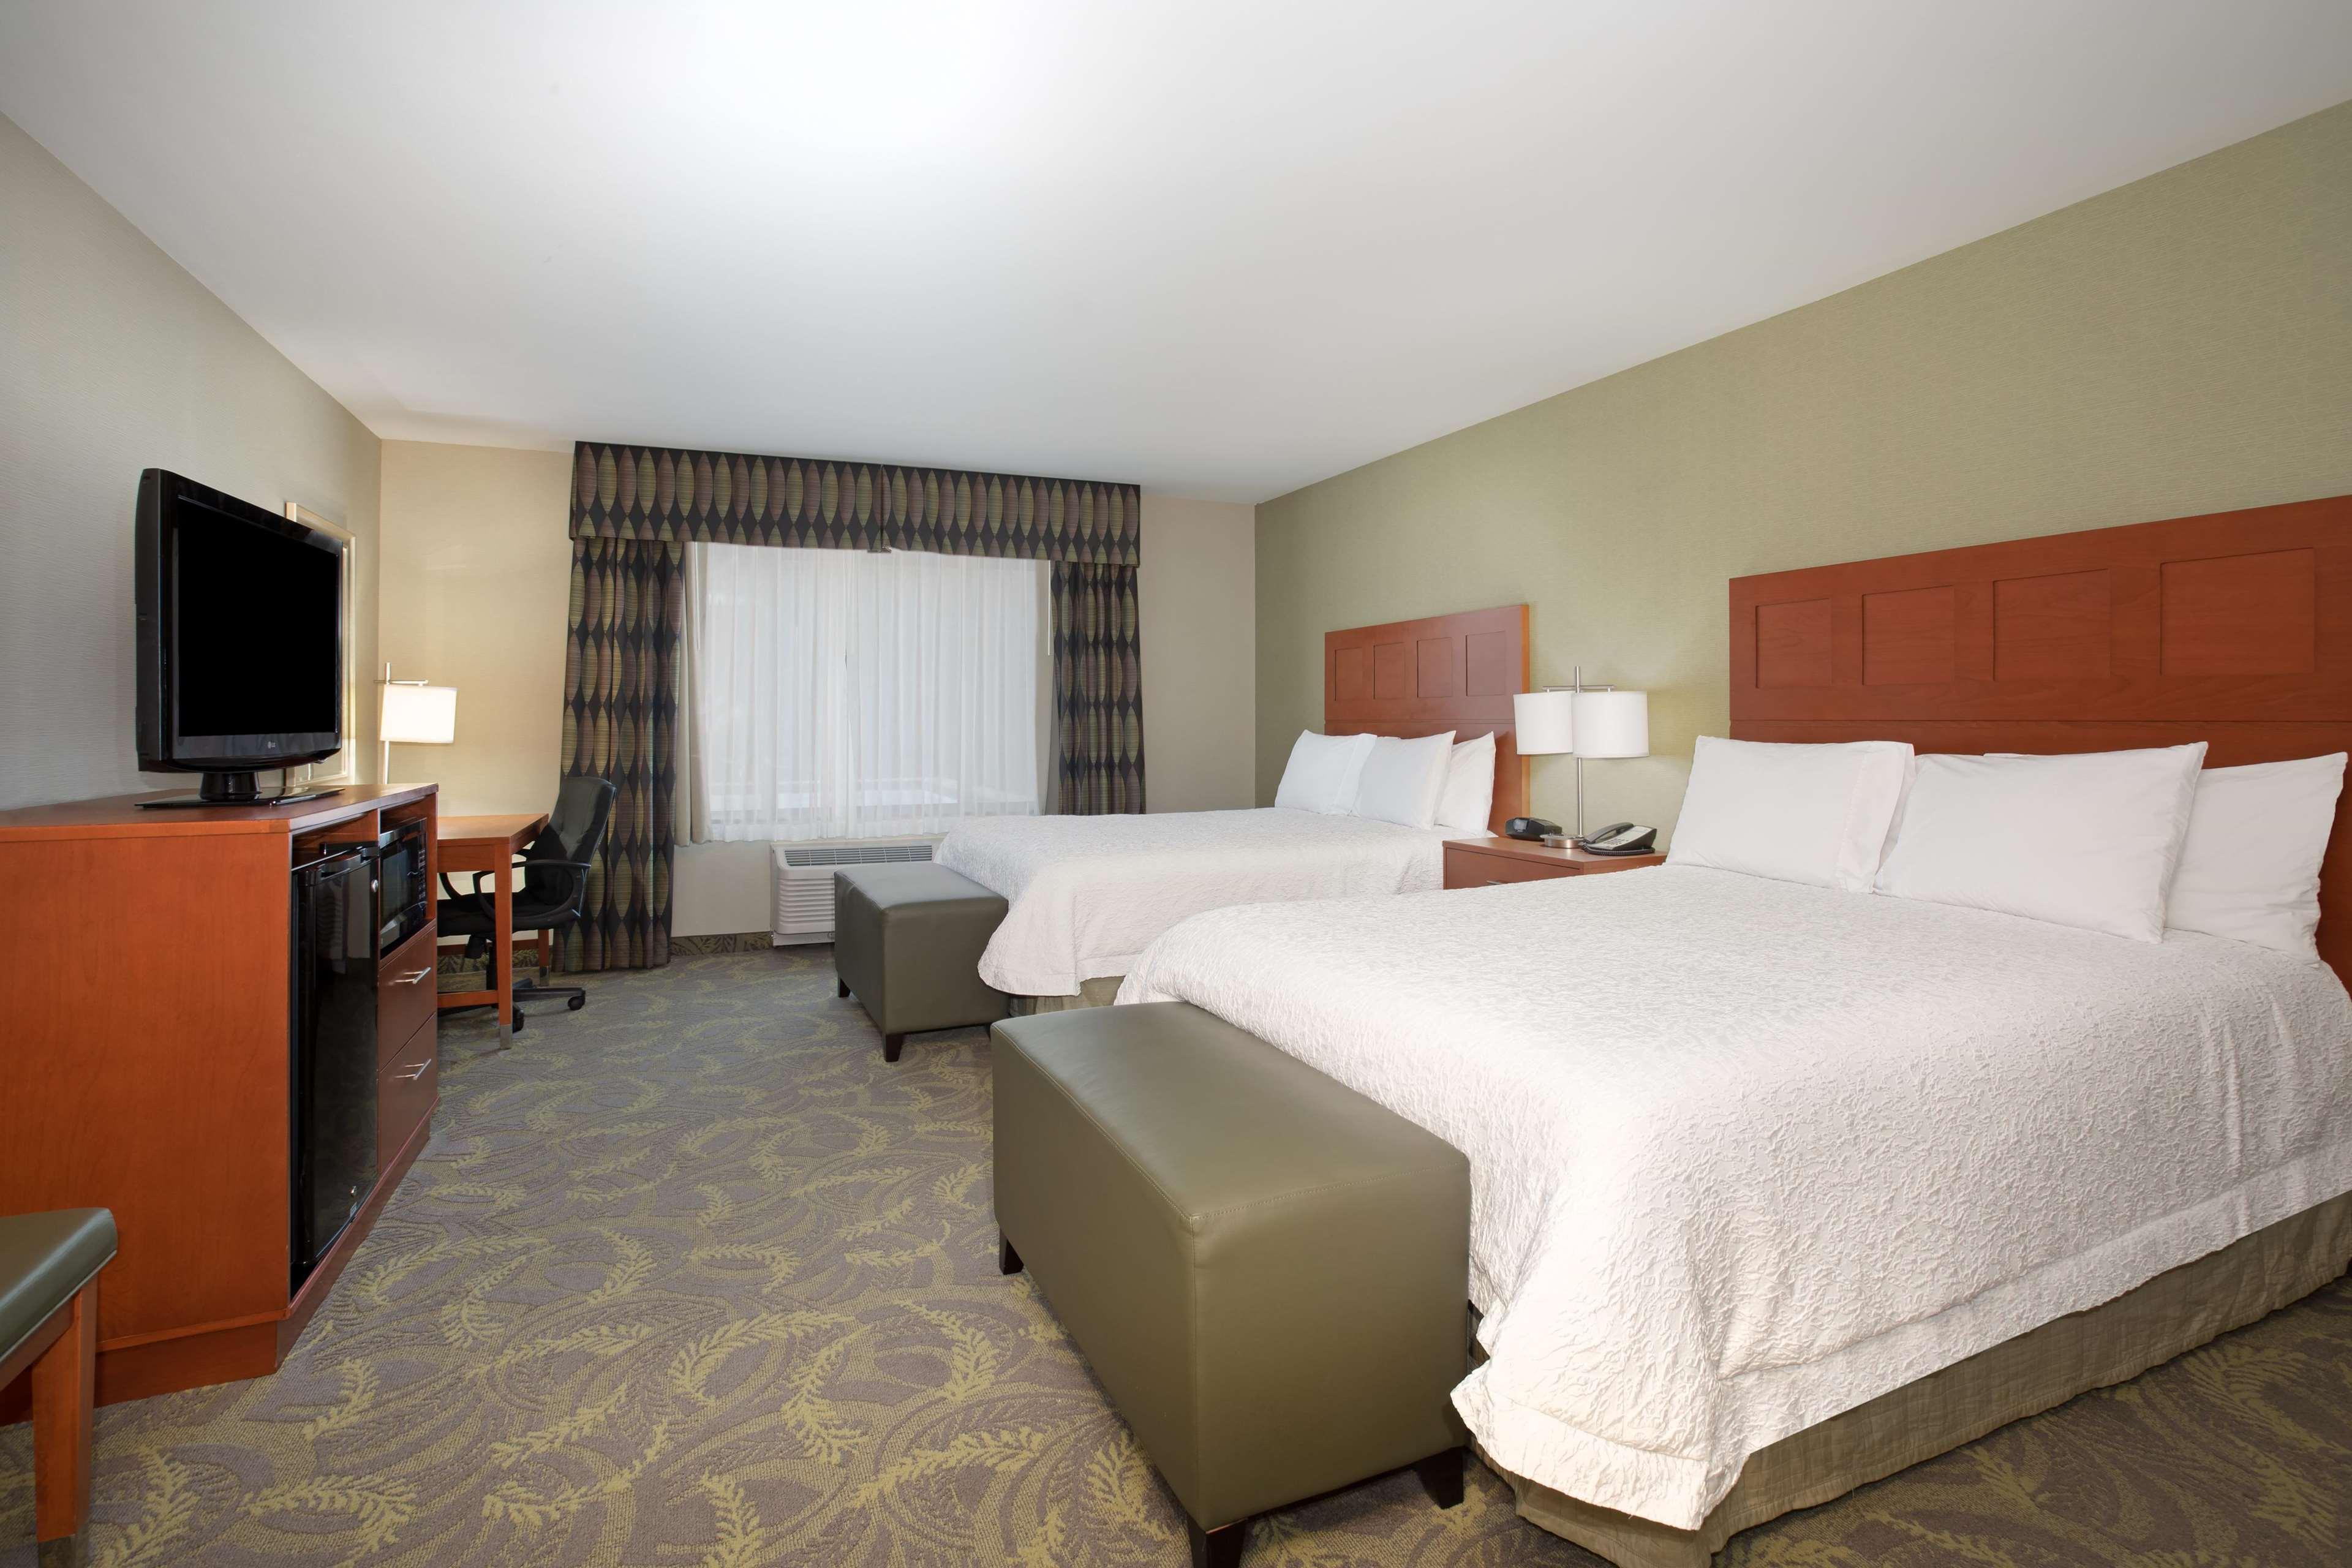 Hampton Inn & Suites Astoria image 40